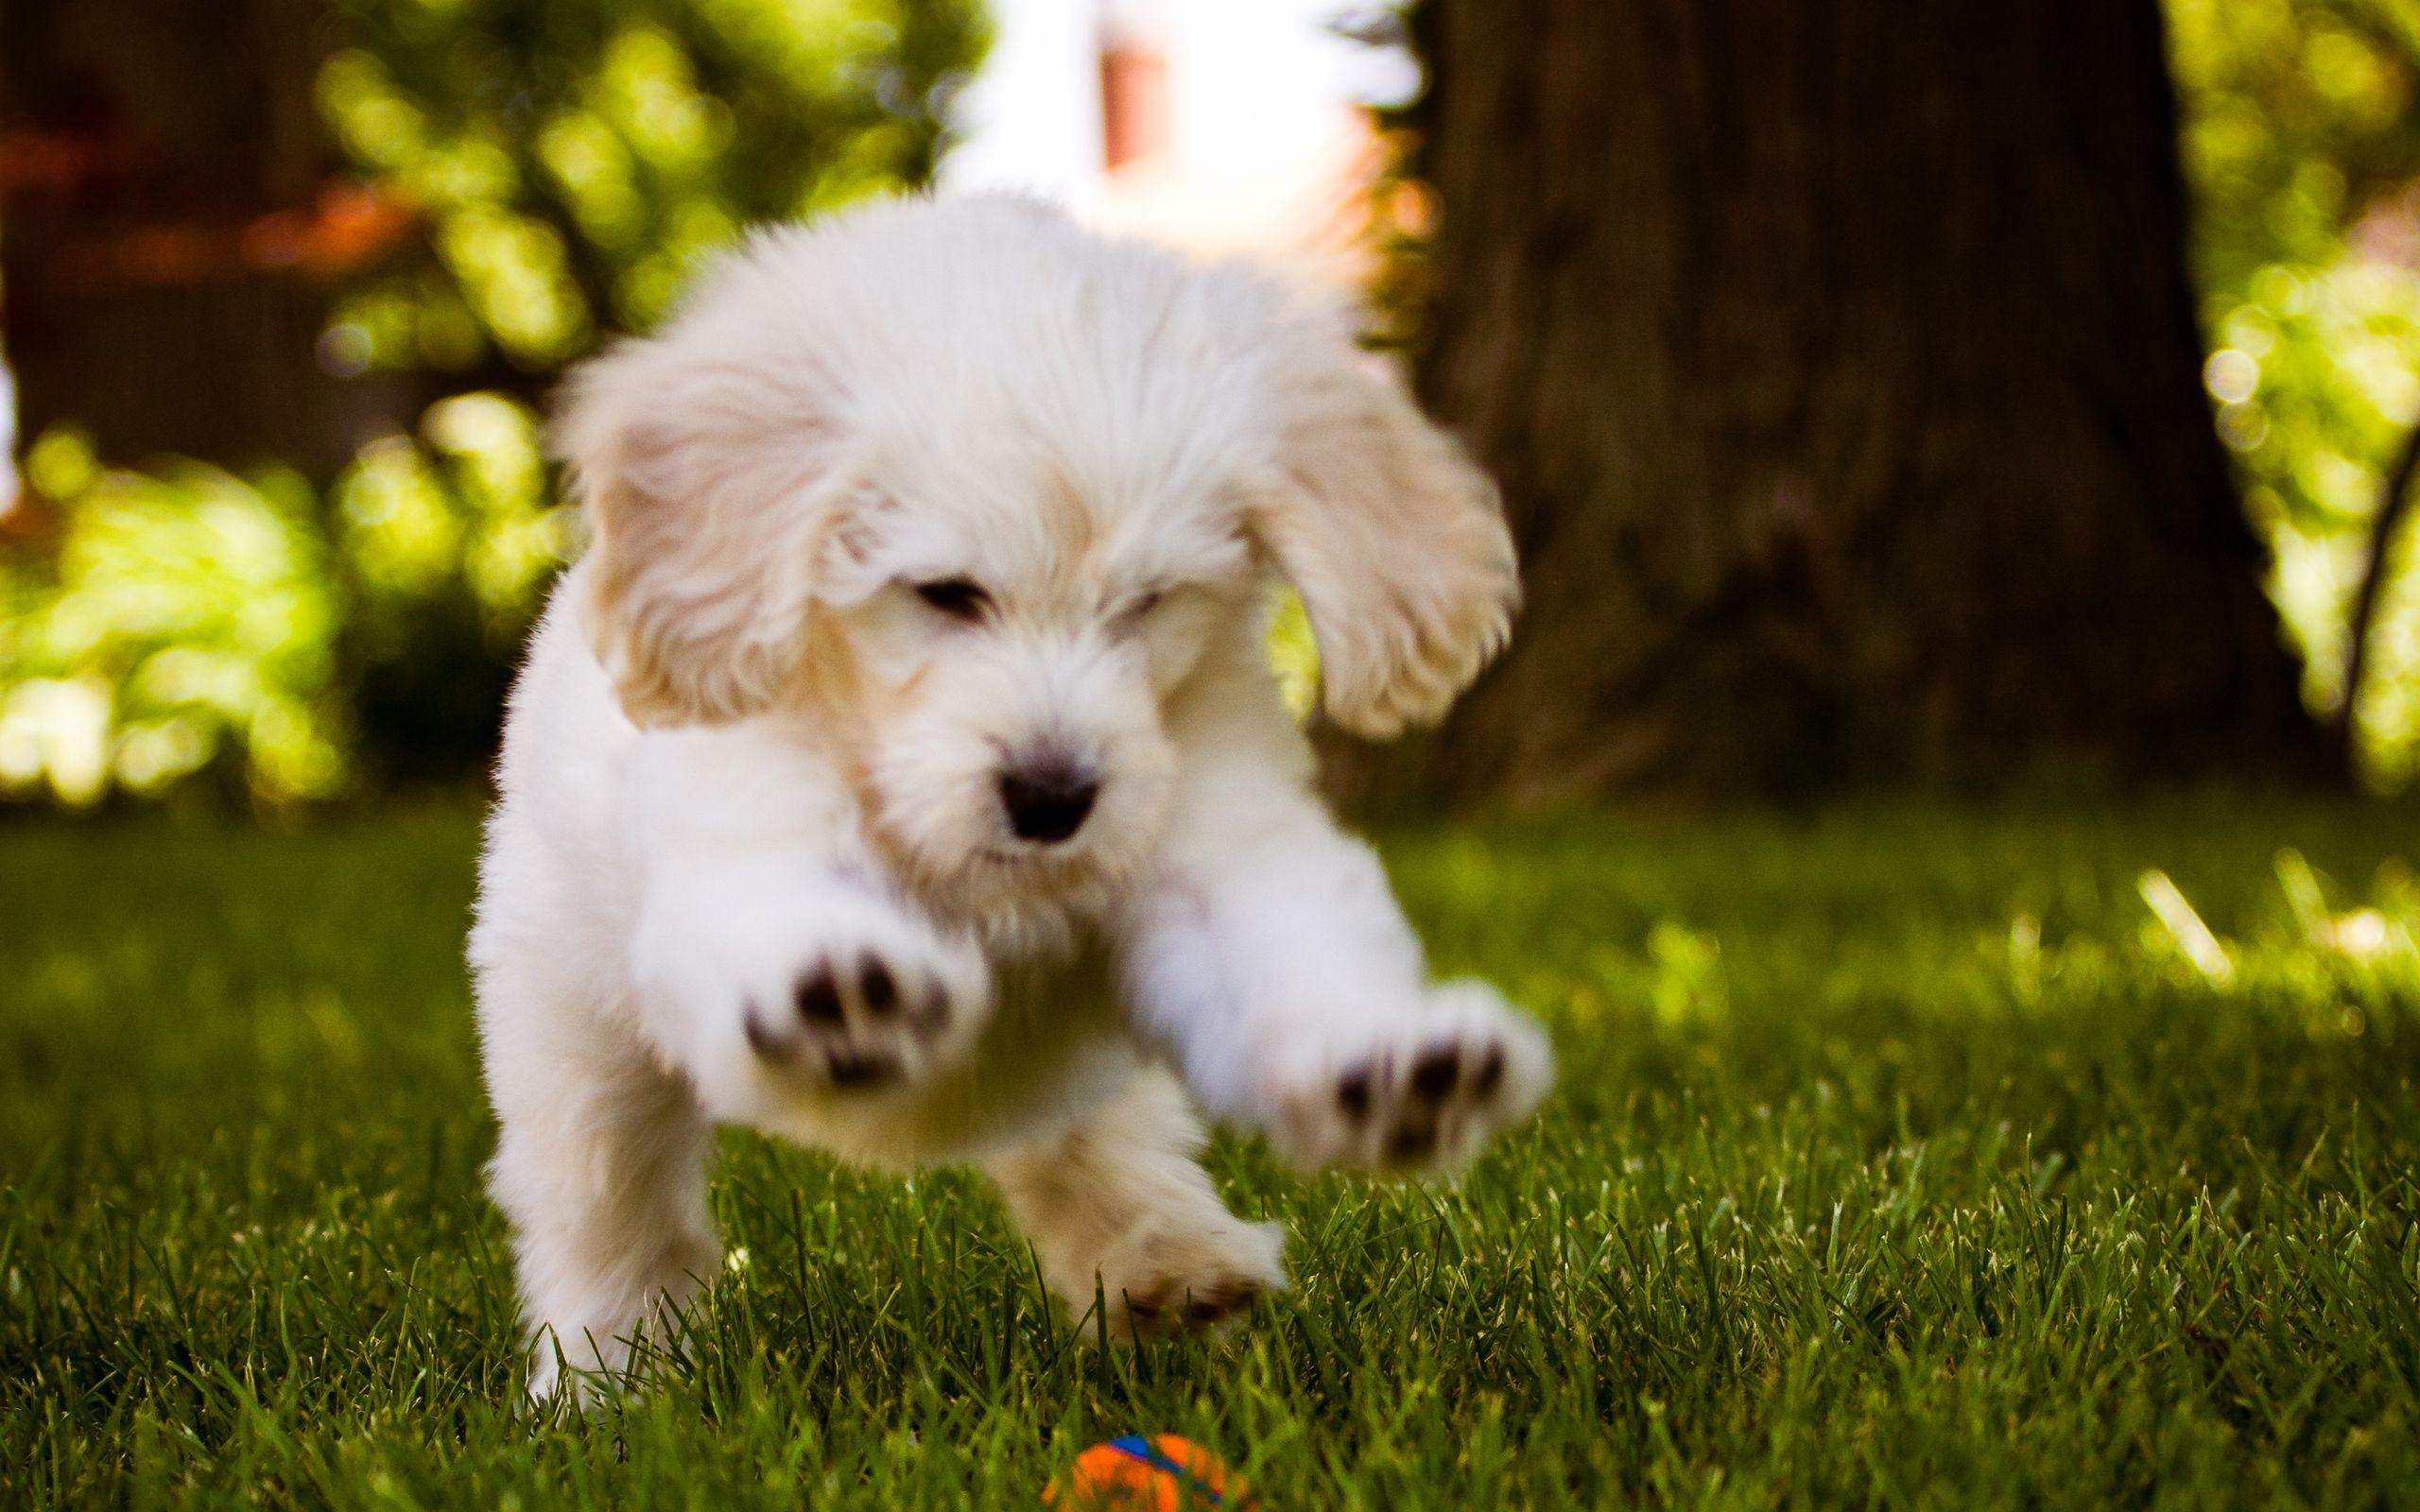 Màn hình rộng 2560x1600 cho hình nền con chó dễ thương Động vật 3D Full HD Pics